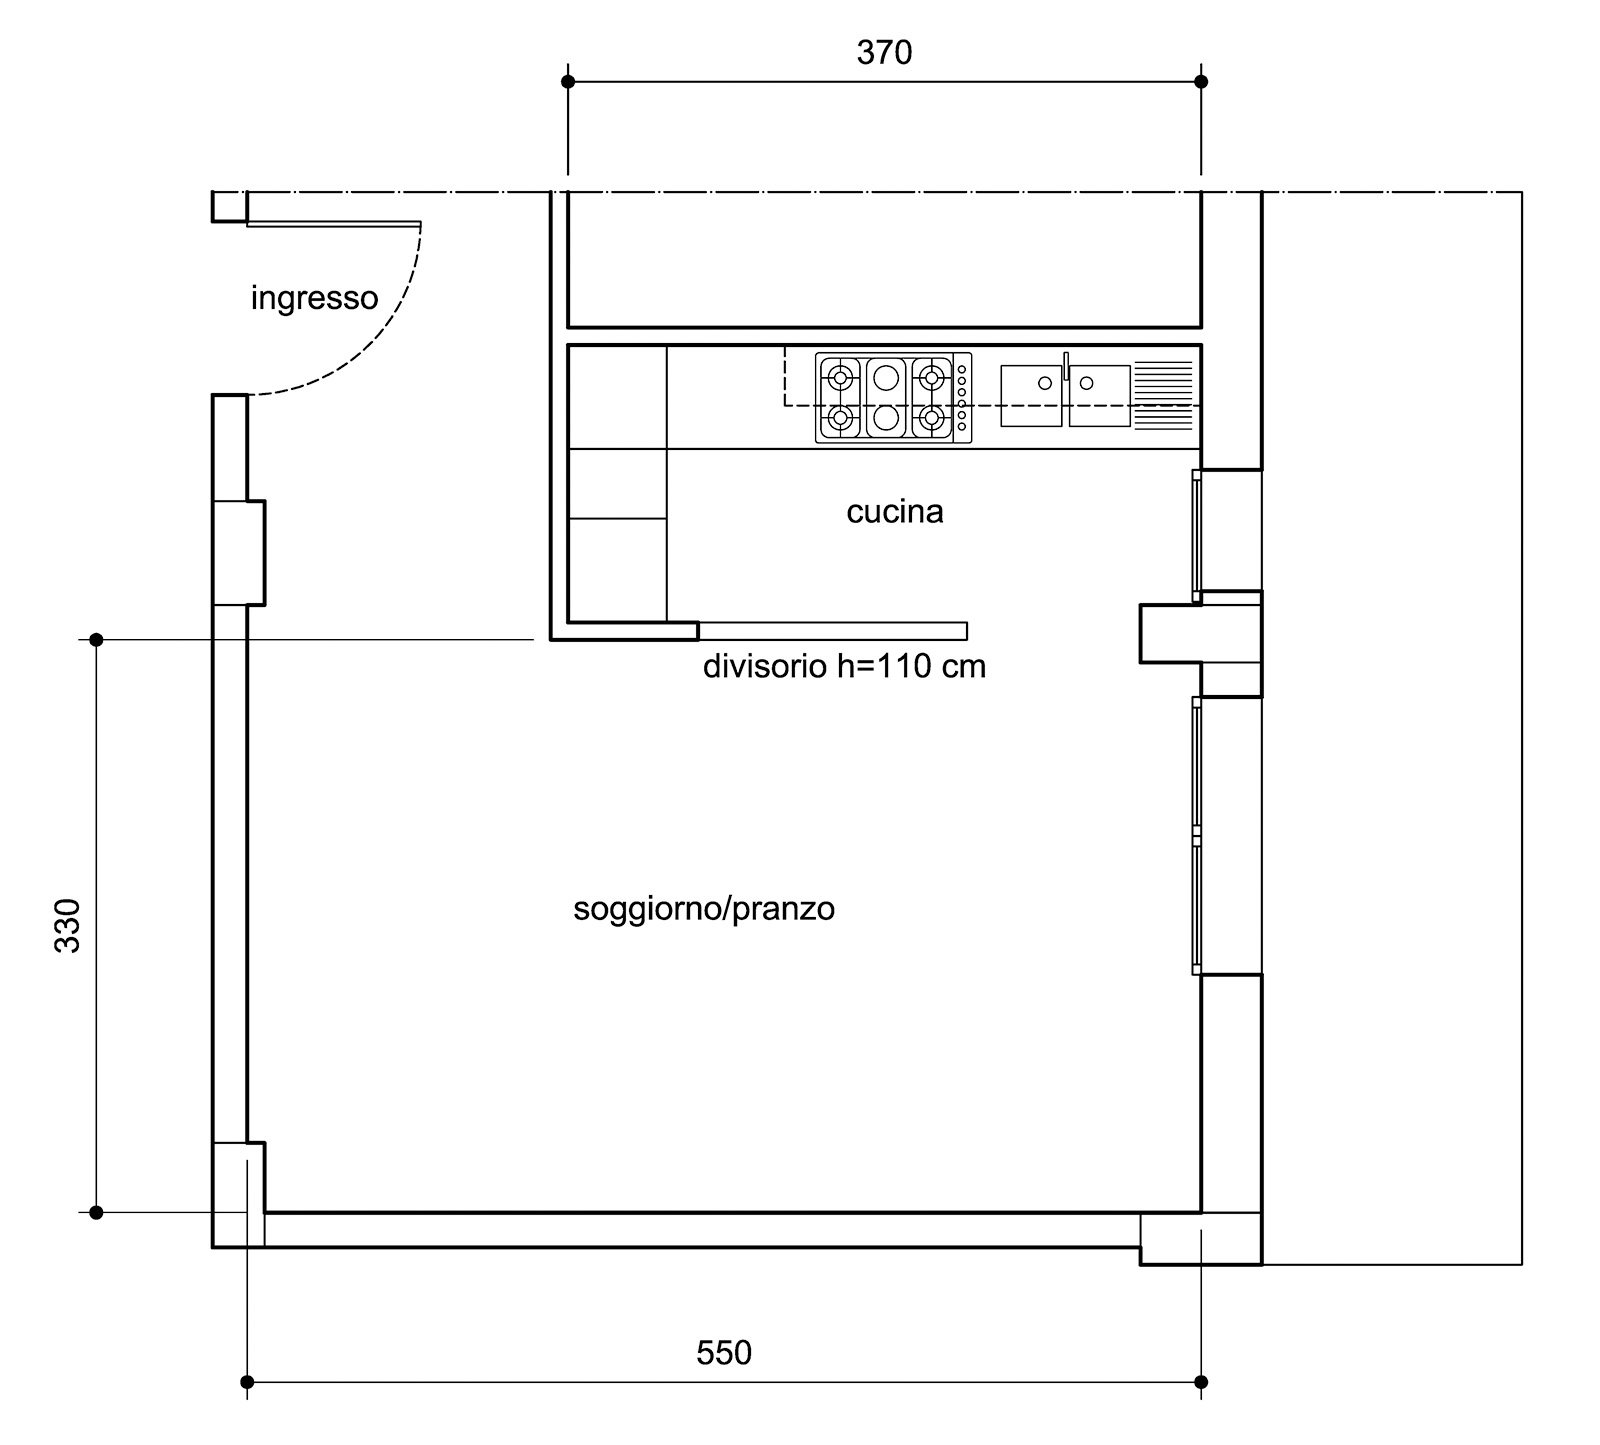 Arredare Il Soggiorno Zona Pranzo Con Cucina A Vista Cose Di Casa #494949 1600 1445 Come Arredare Sala Con Cucina A Vista